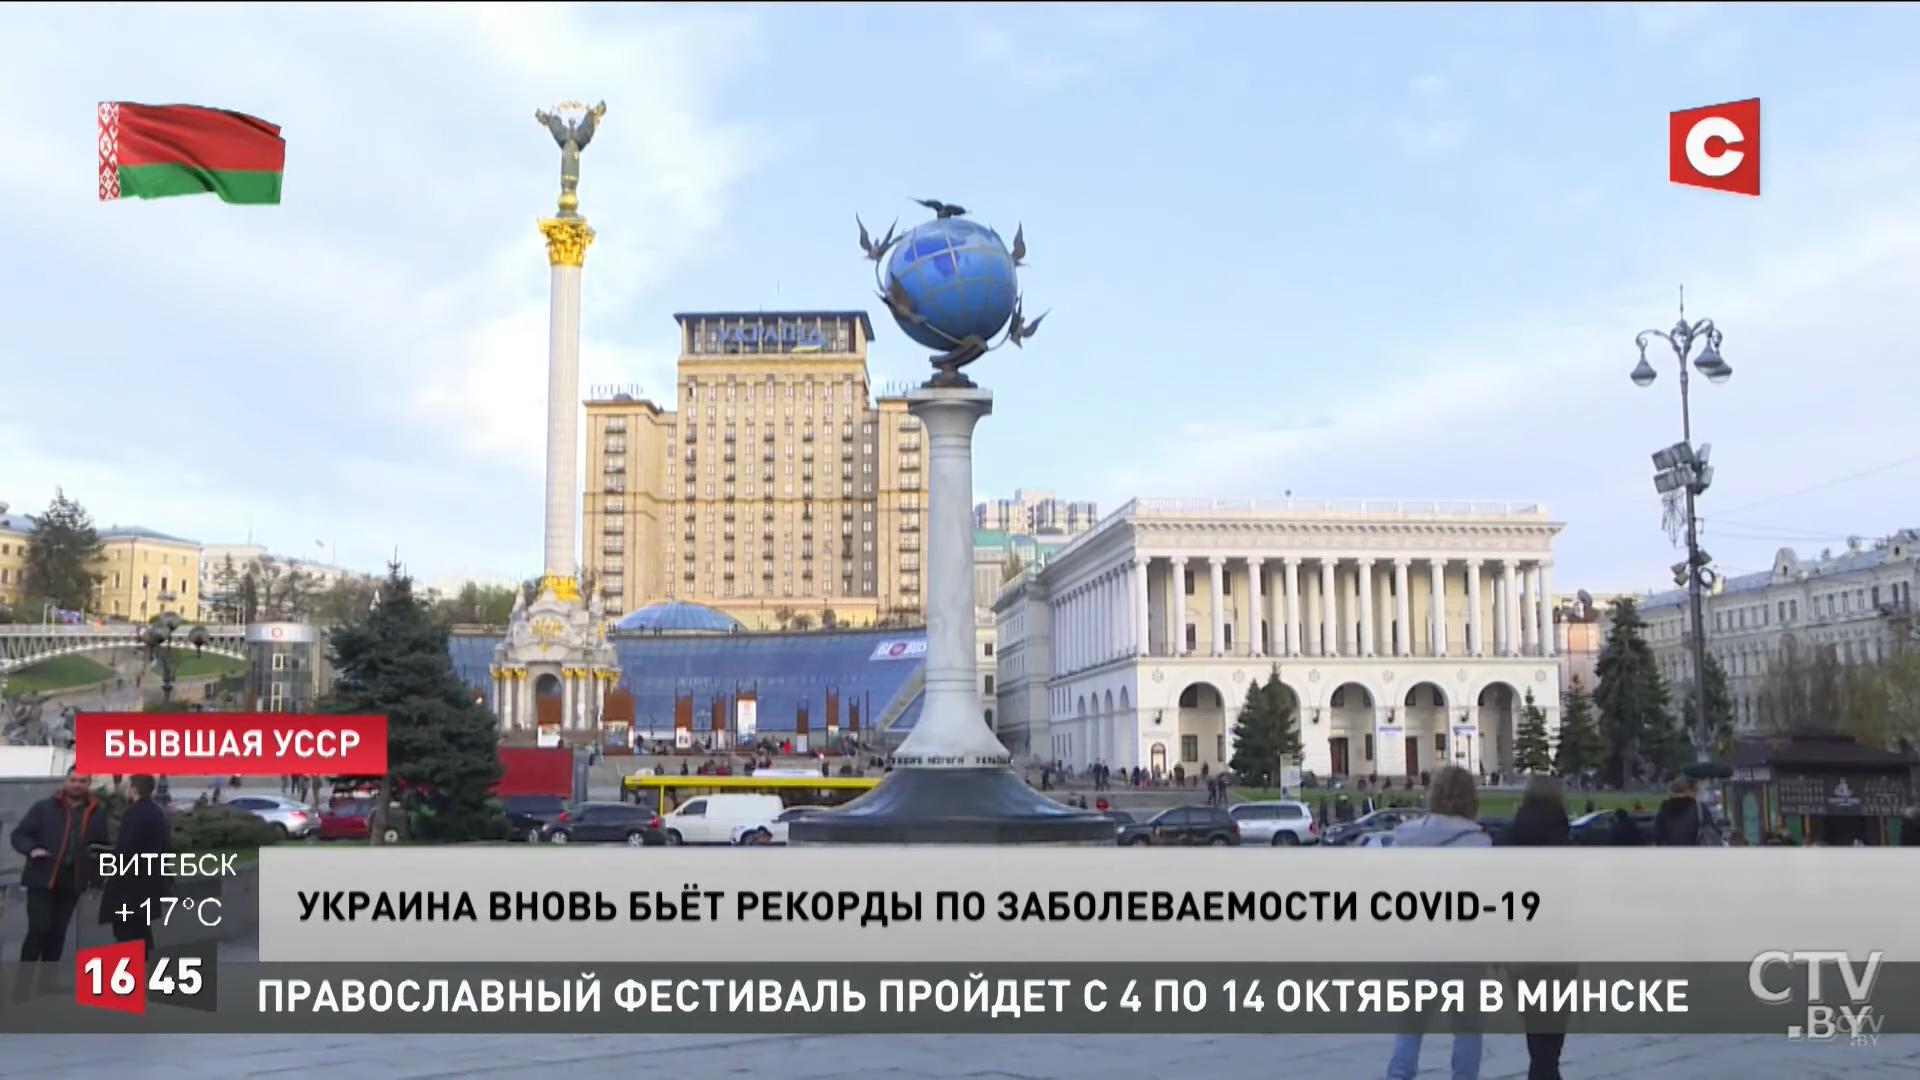 CТВ для опису подій в Україні використовує геотитр «колишня УРСР» / Cкріншот з відео СТВ